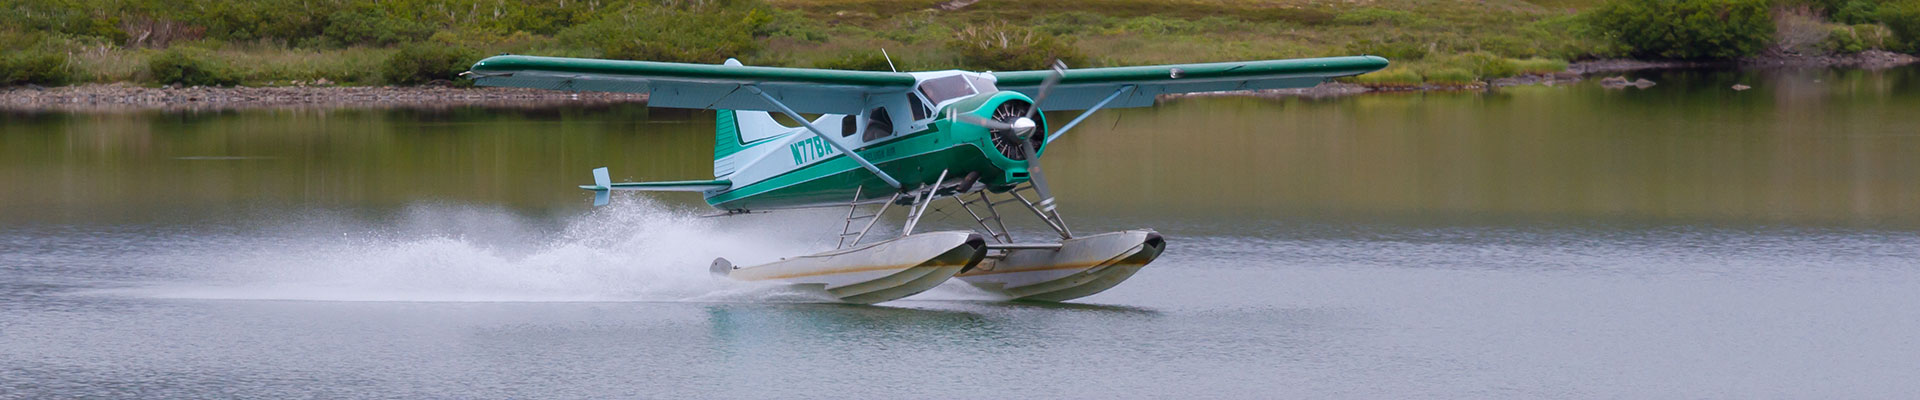 Beluga Air